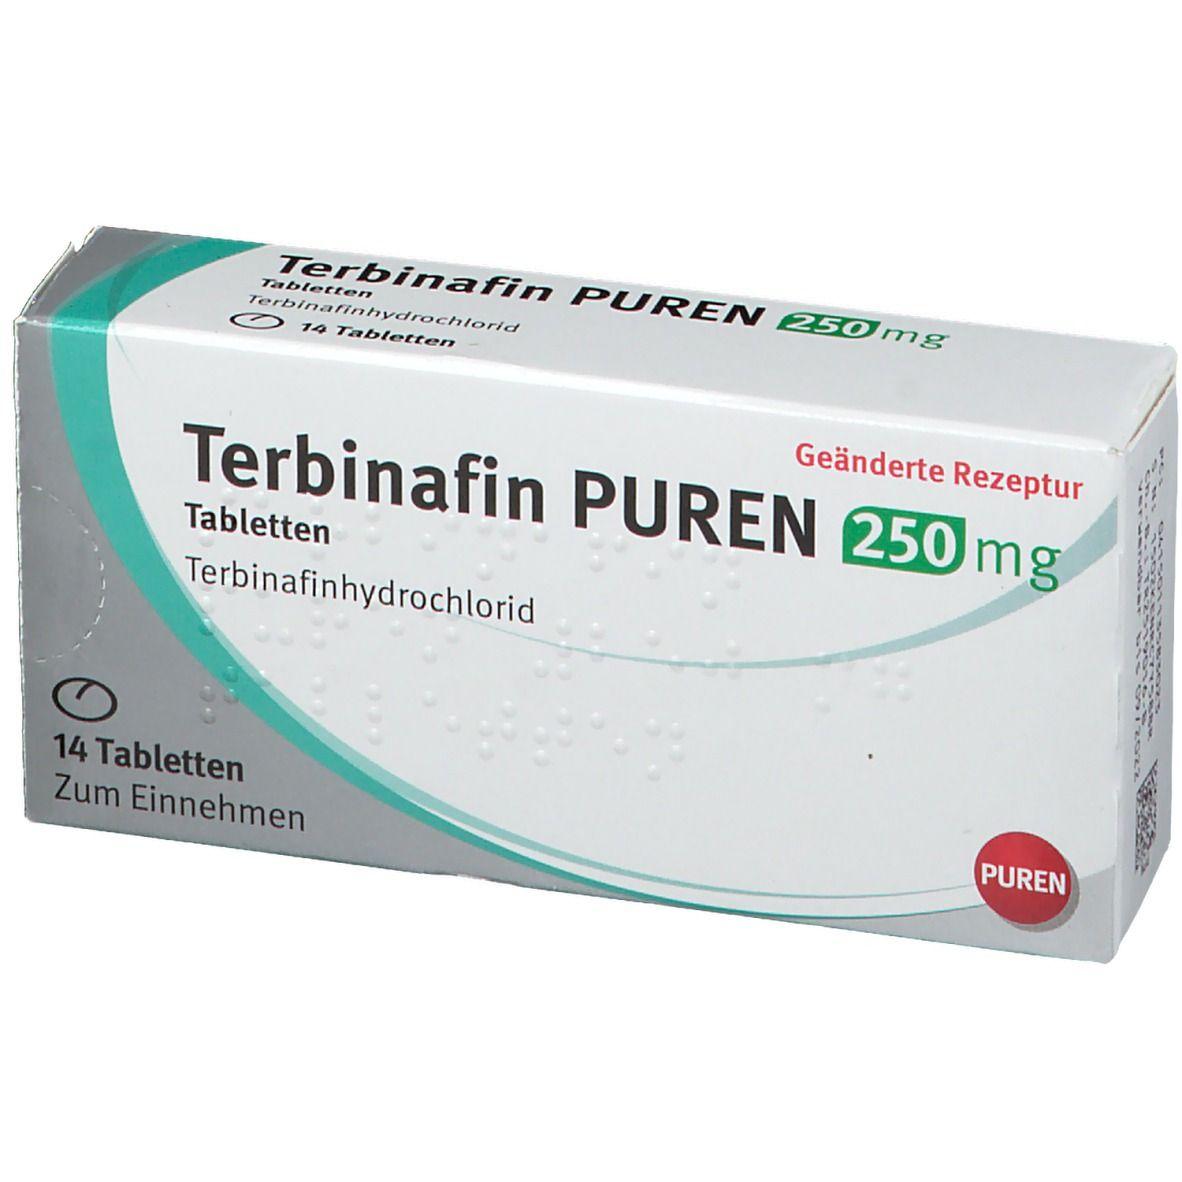 TERBINAFIN Puren 250 mg Tabletten